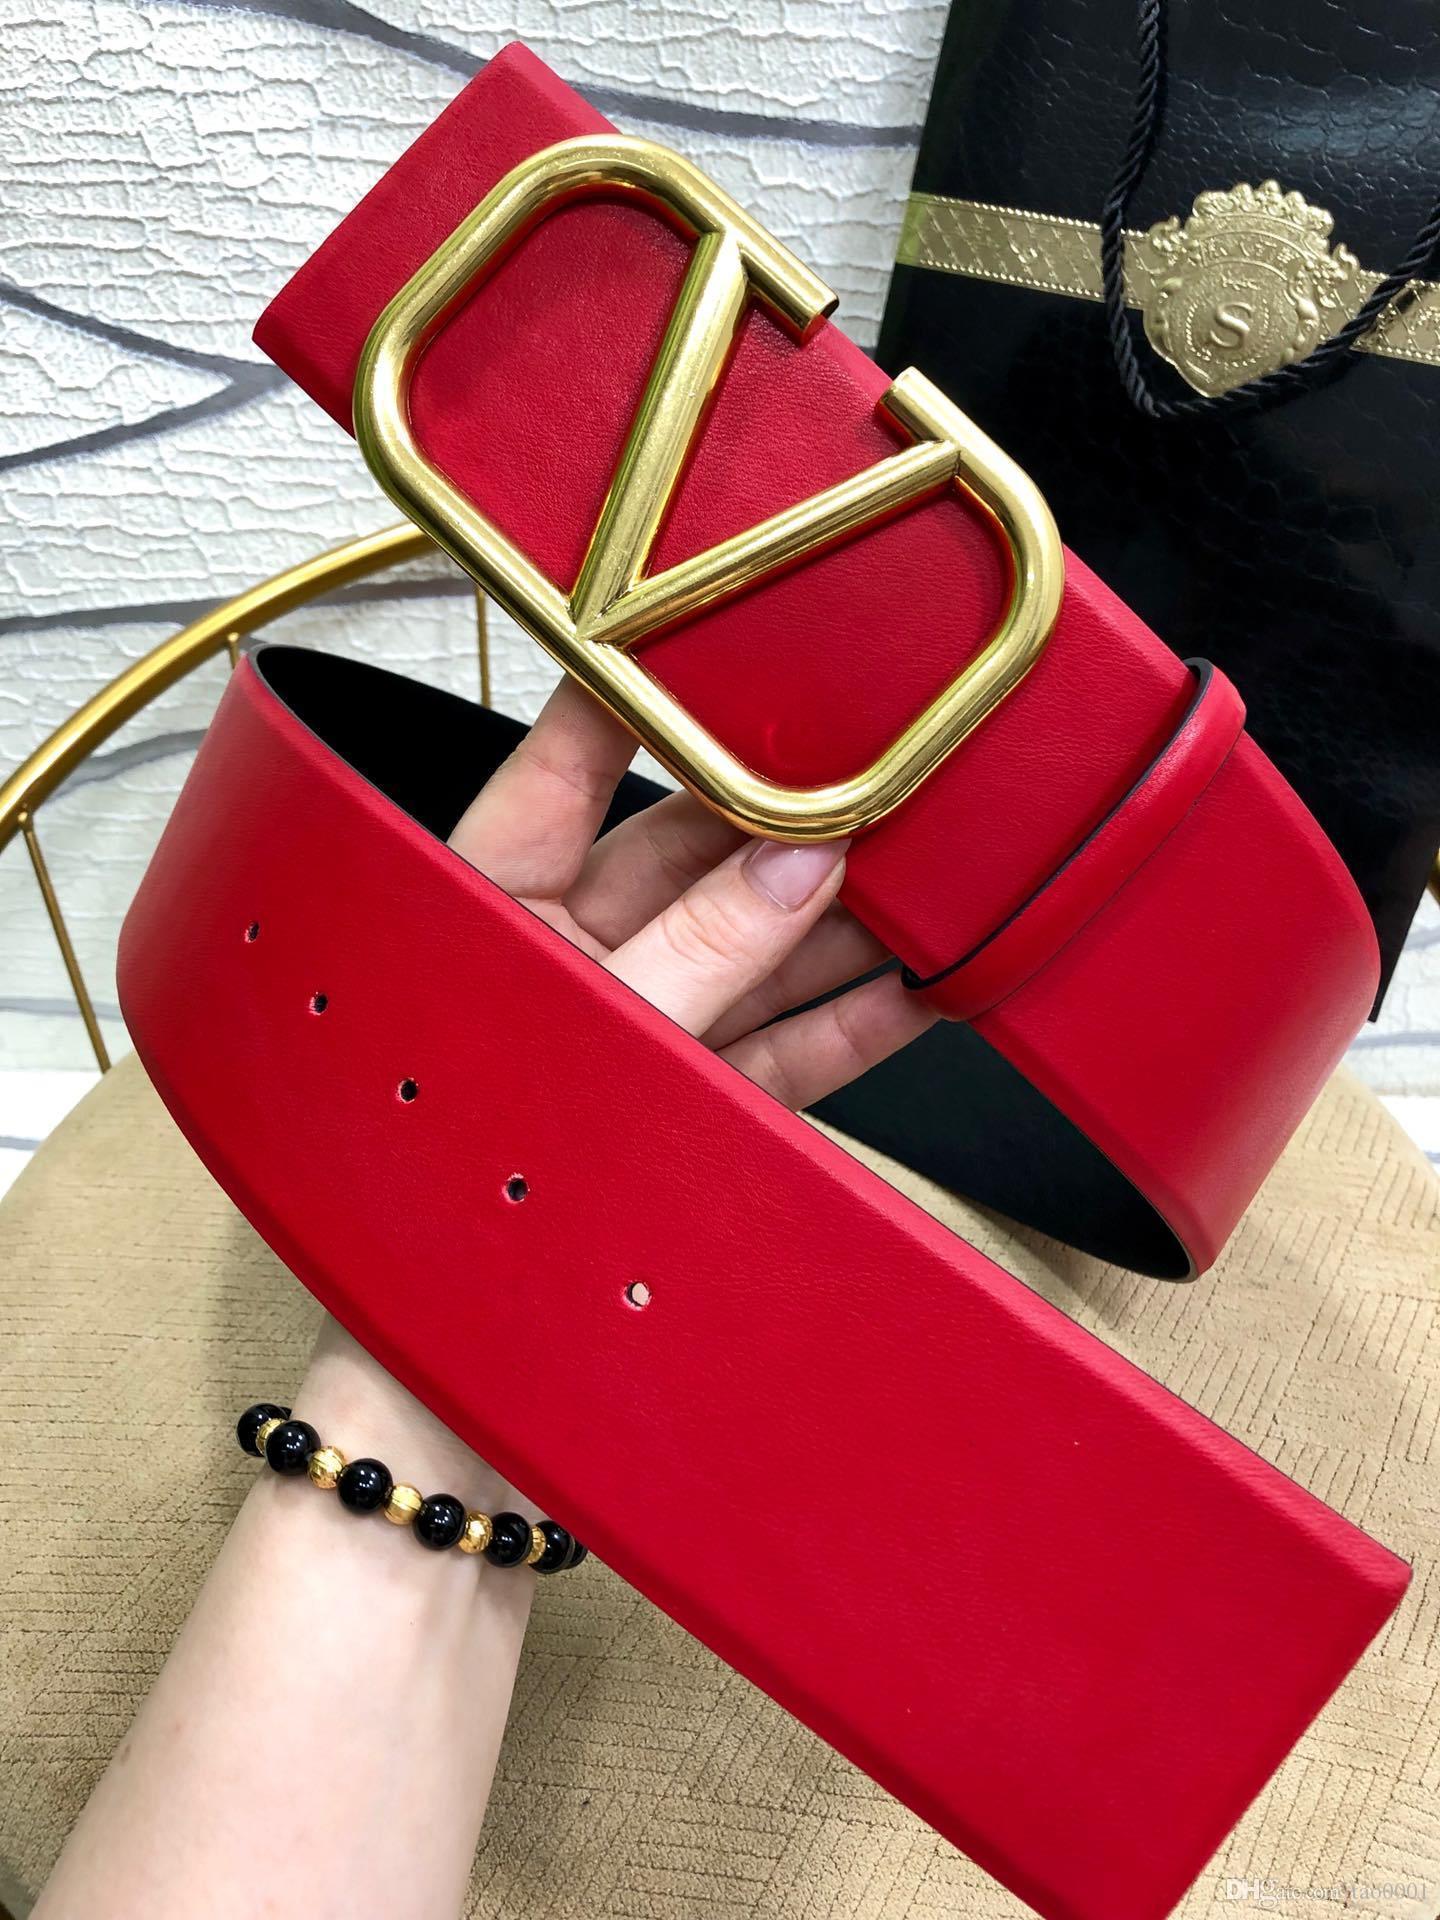 Cinture di lusso fibbia cinghie di cuoio genuine per le cinture di cintura donna mens degli uomini del progettista vita il trasporto libero